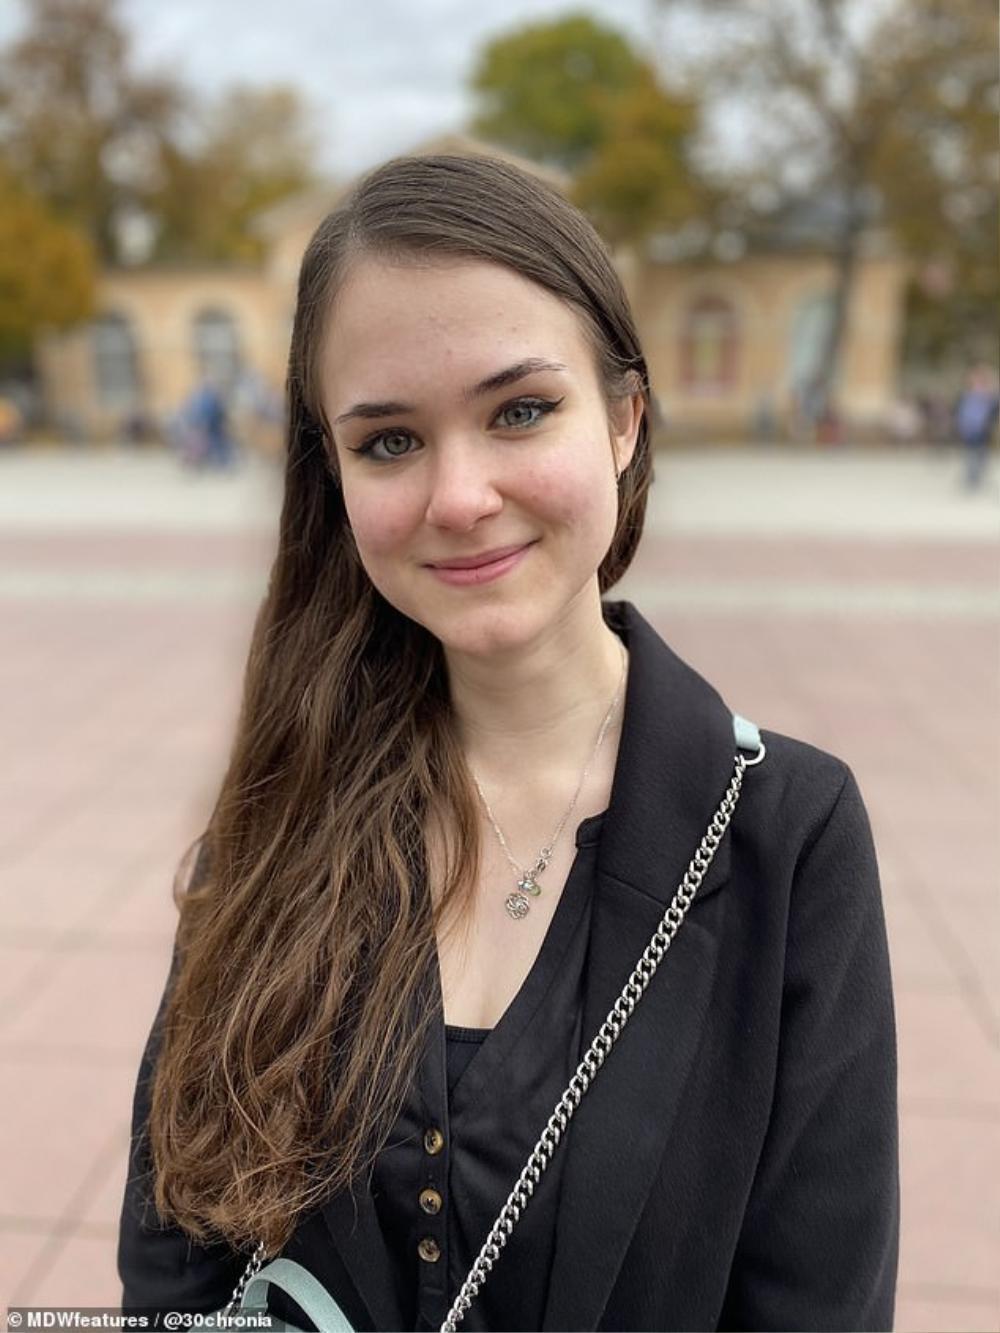 Chuyện tình 'đũa lệch' bắt nguồn từ YouTube của giáo sư và nữ sinh kém 27 tuổi Ảnh 1